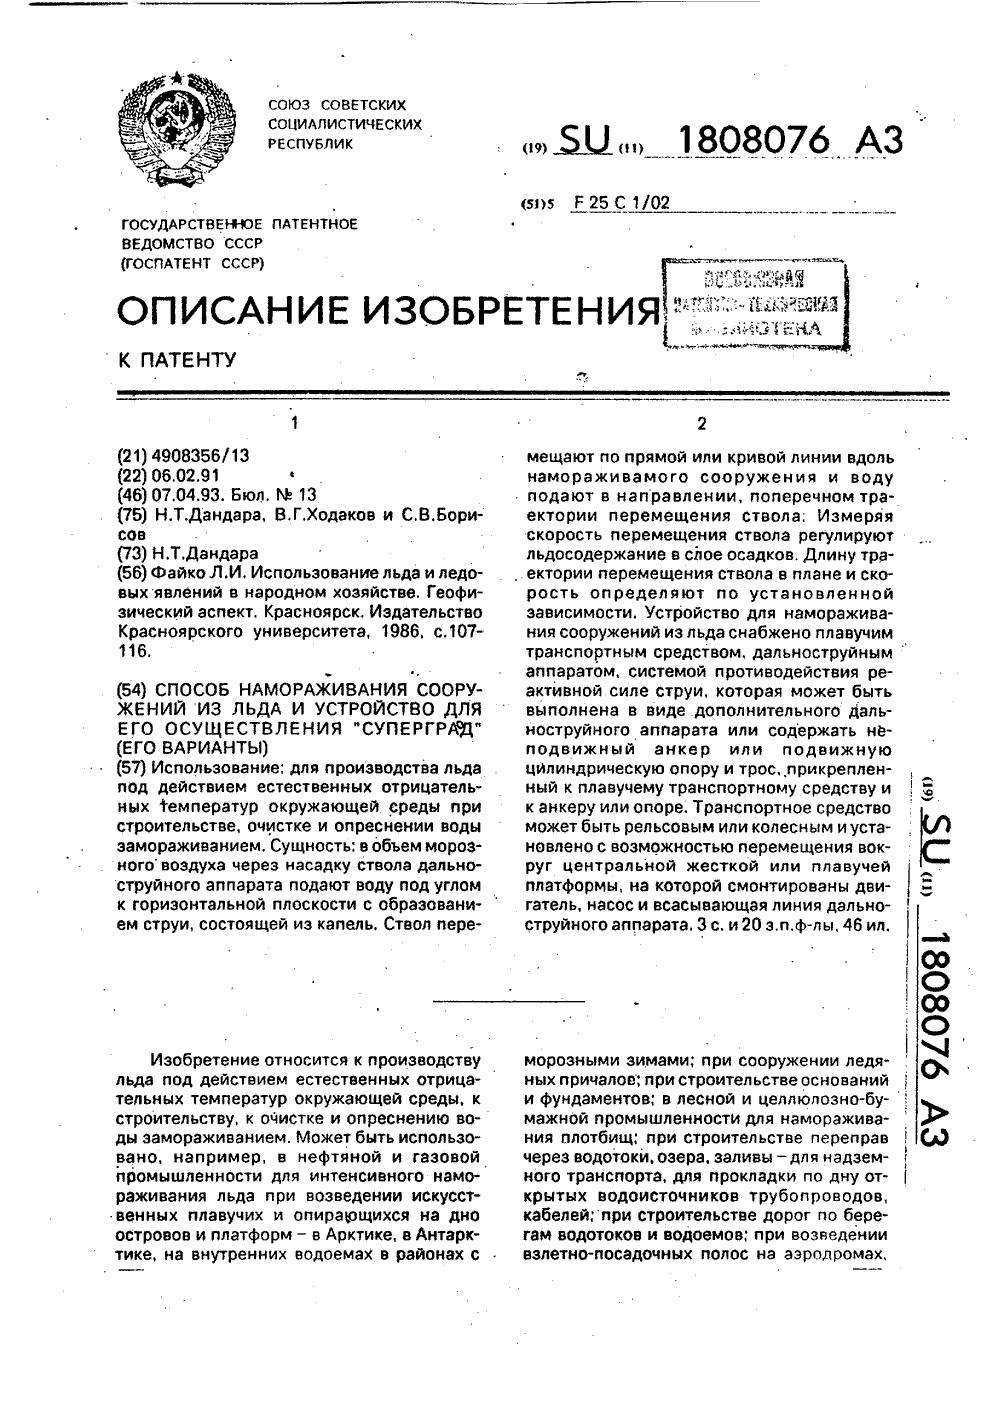 схема устройства льдогенераторов чешуйчатого